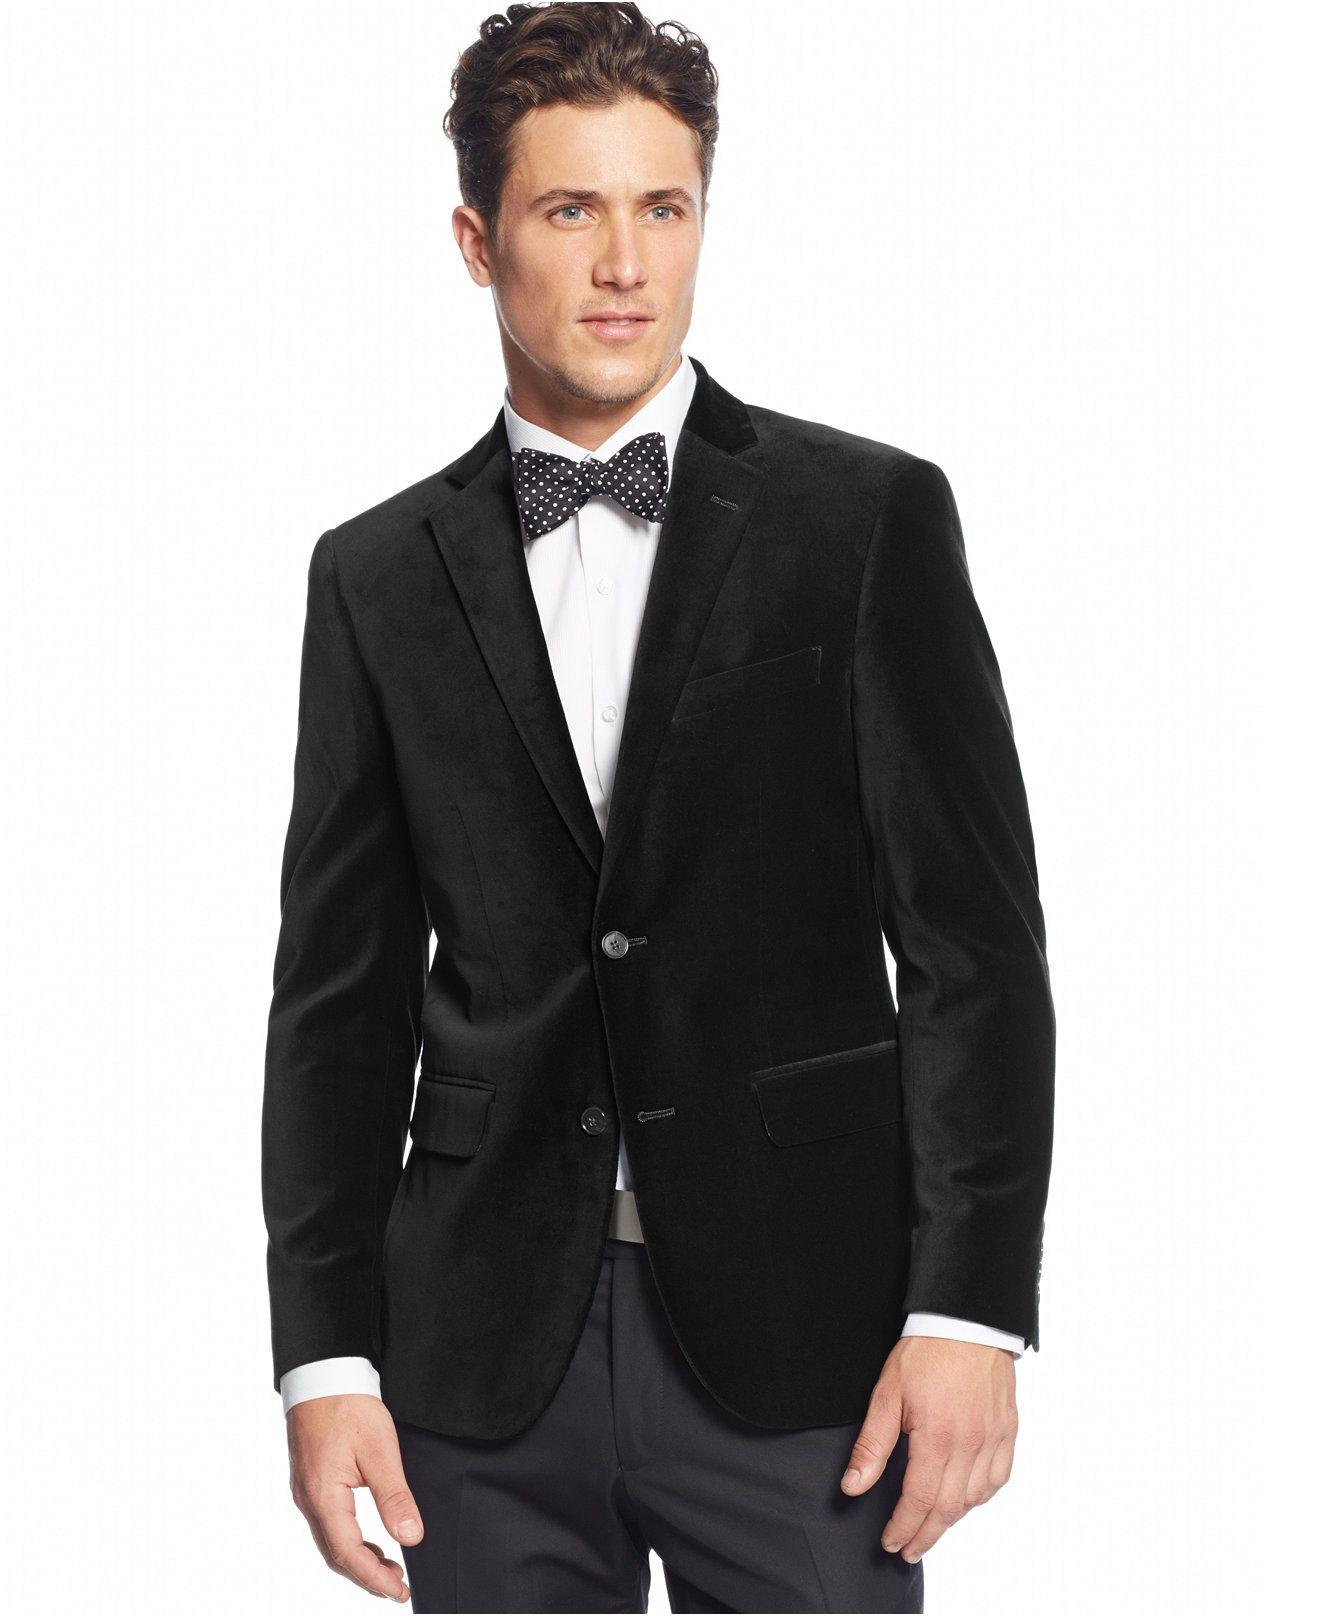 Alfani RED Velvet Slim-Fit Sport Coat - Tuxedos & Formalwear - Men ...